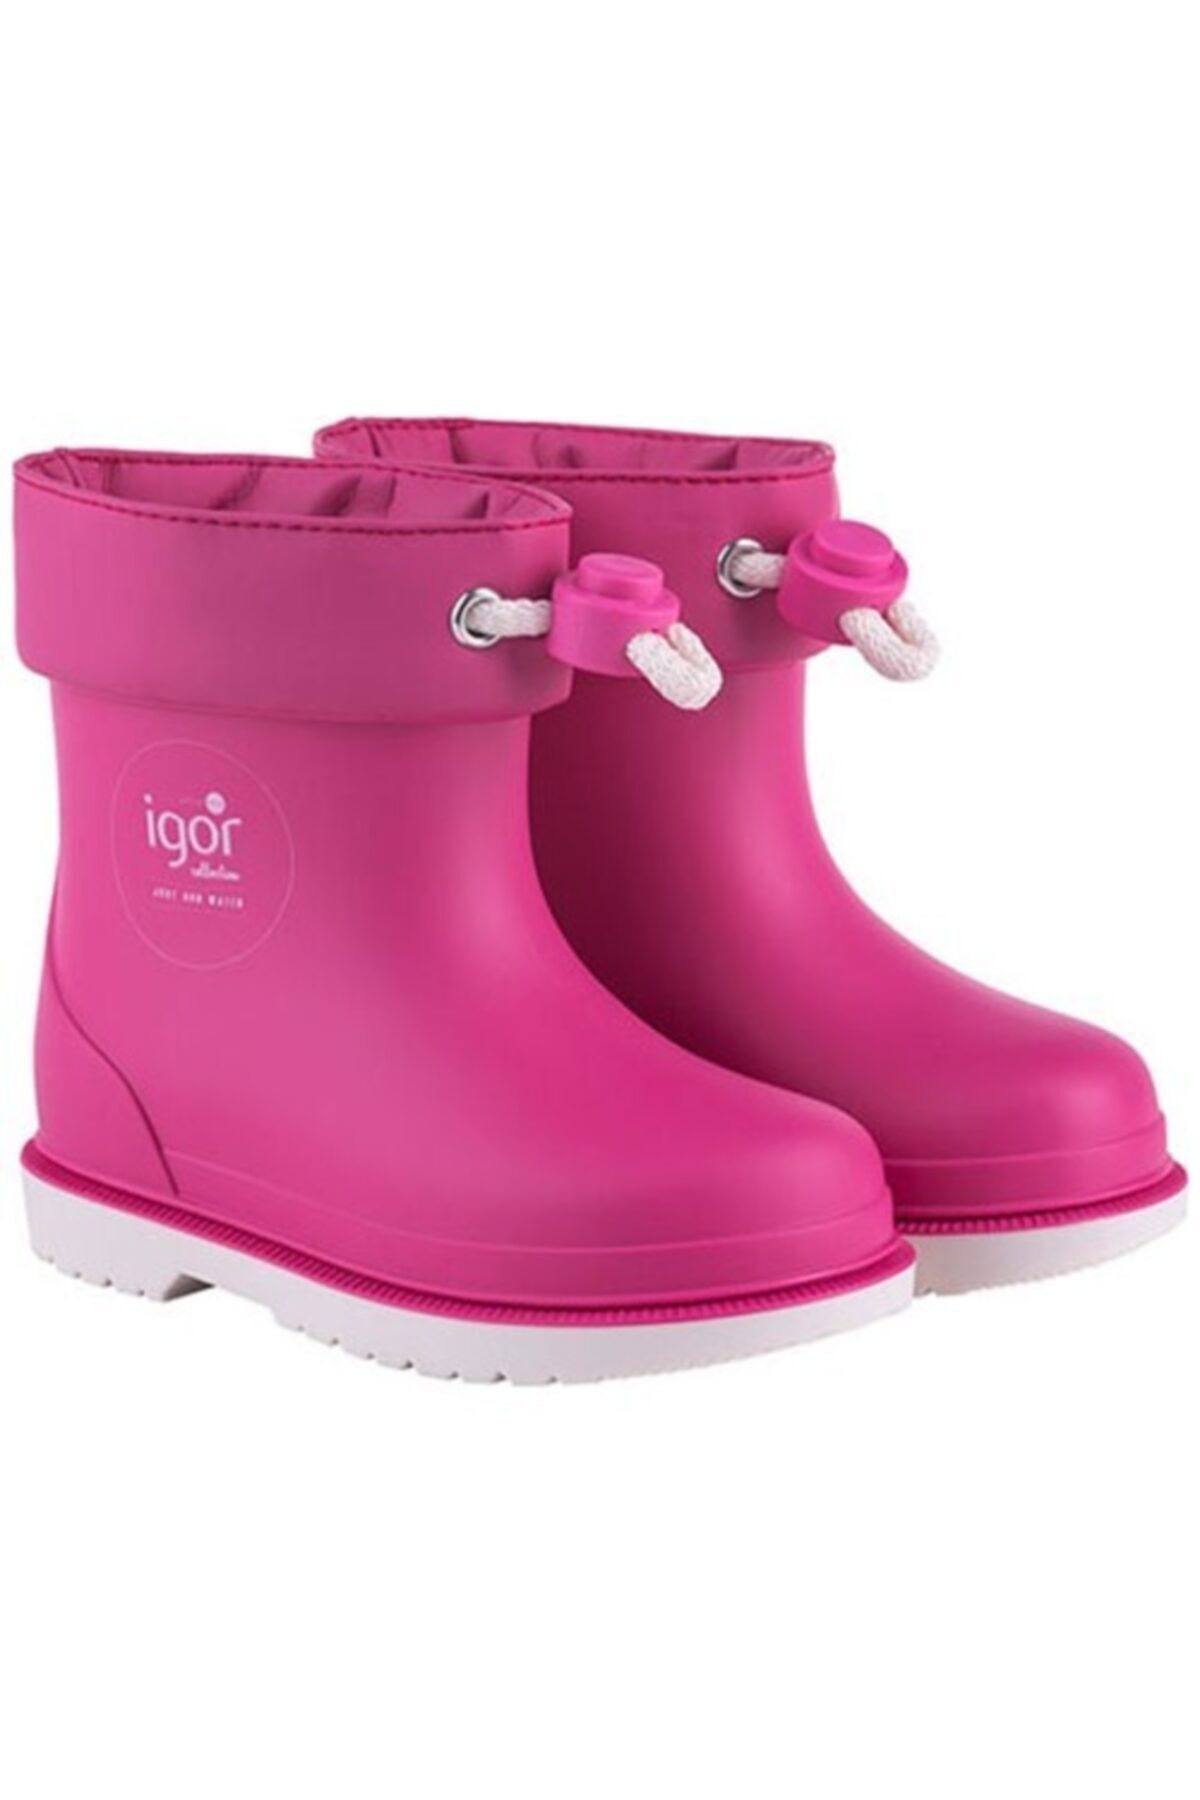 IGOR Bimbi Nautico Çizme 0 Çizme W10225 2